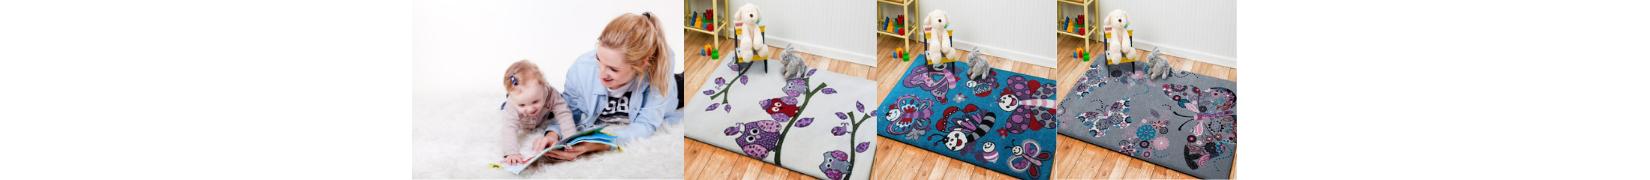 Dywany dziecięce kolekcja BELLA KIDS od ŚliczneDywany.pl